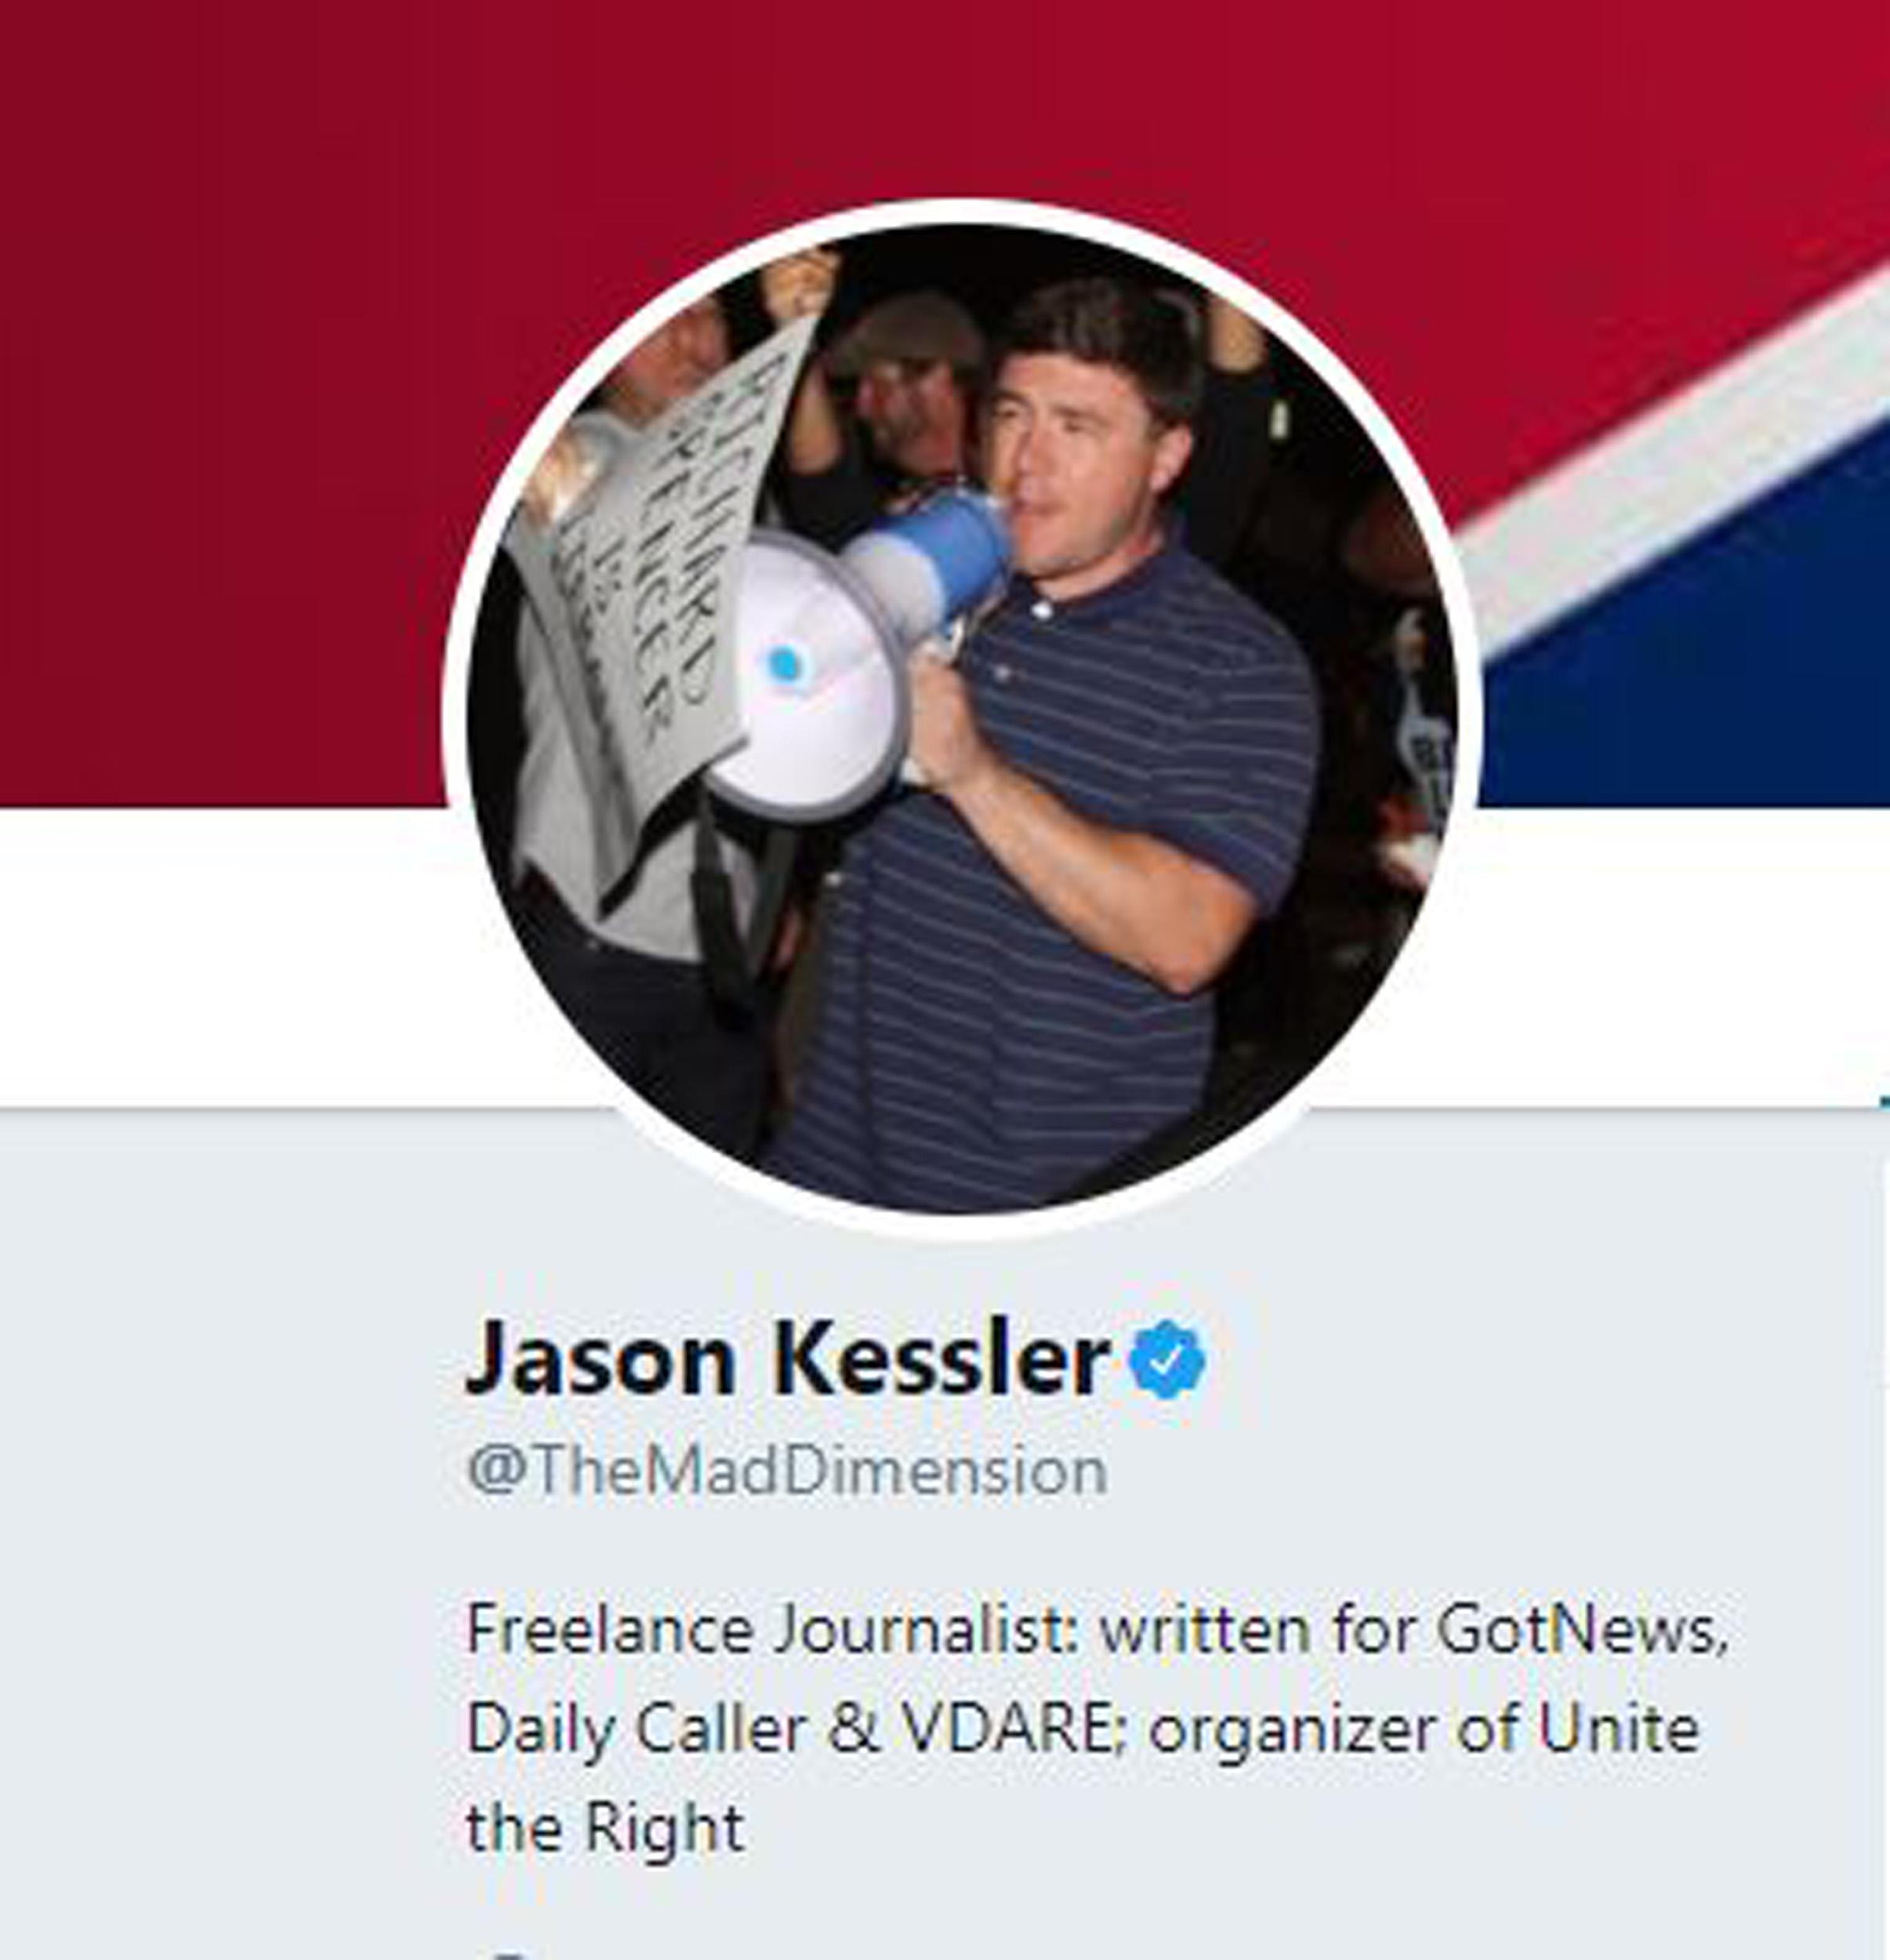 Image: Jason Kessler's Twitter profile